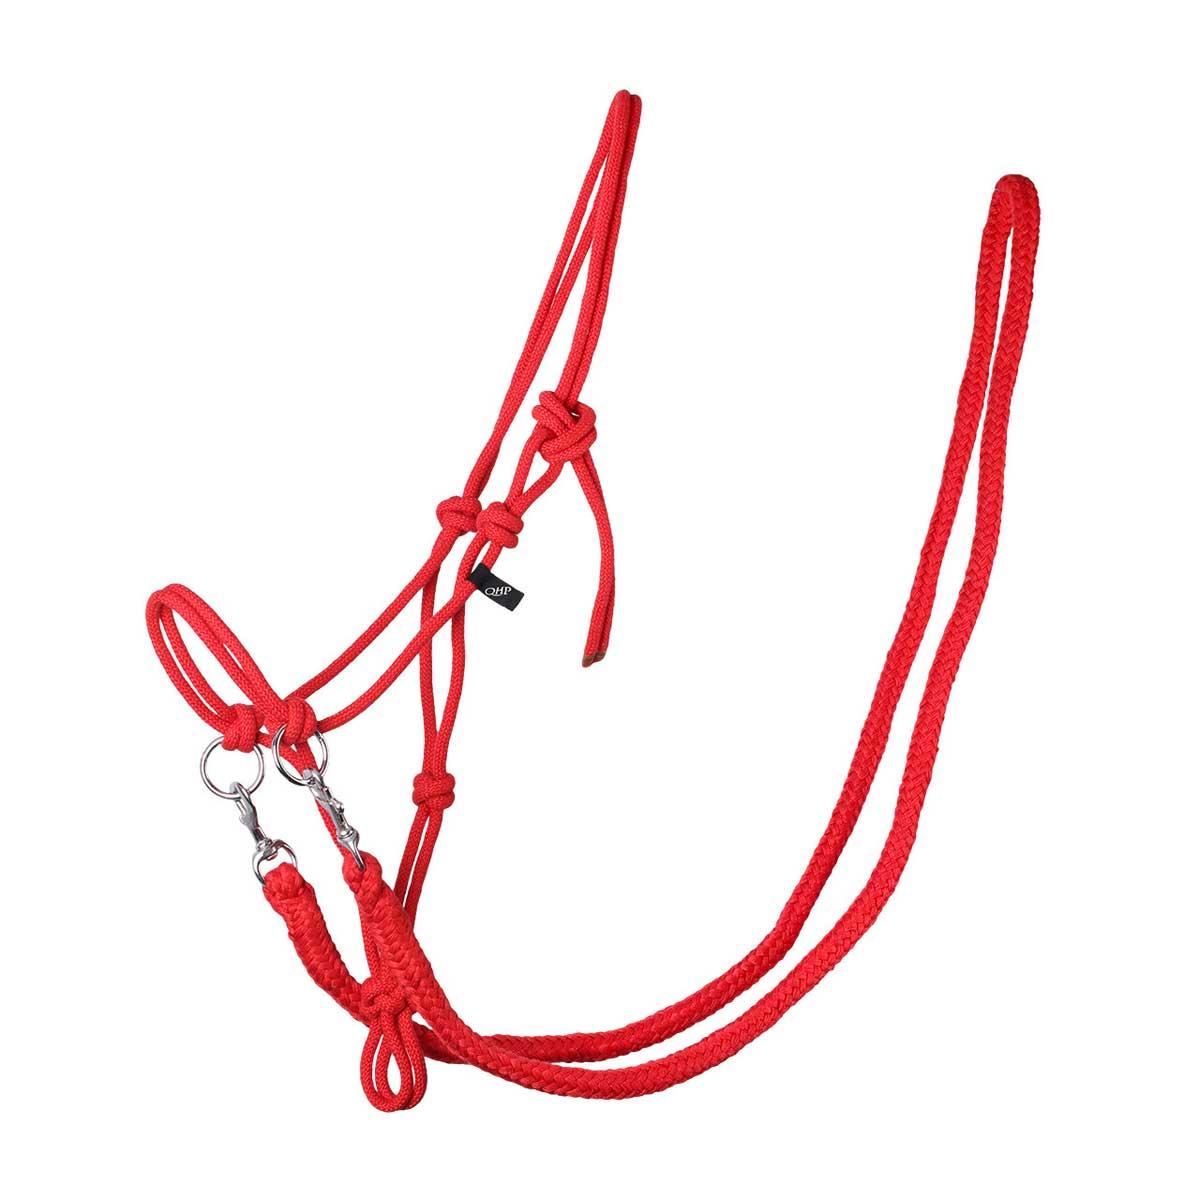 QHP Touwhalster met teugels rood maat:shetl